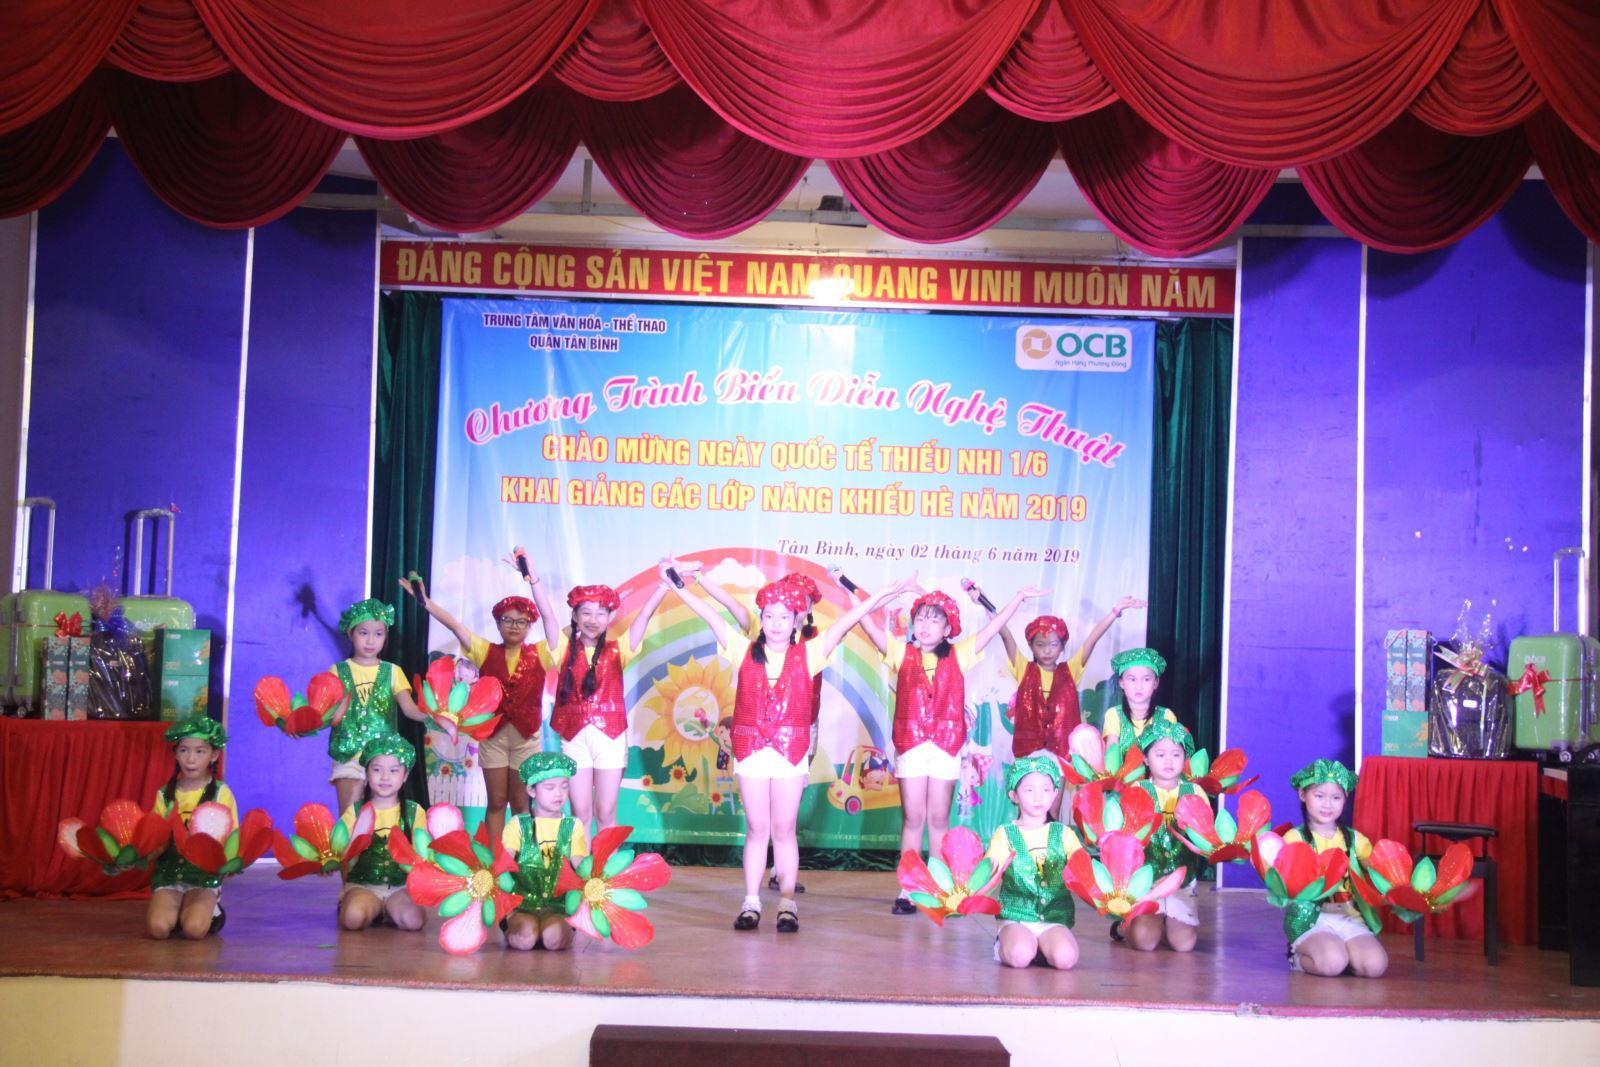 TT Văn hóa - Thể thao quận Tân Bình khai giảng các lớp năng khiếu hè 2019